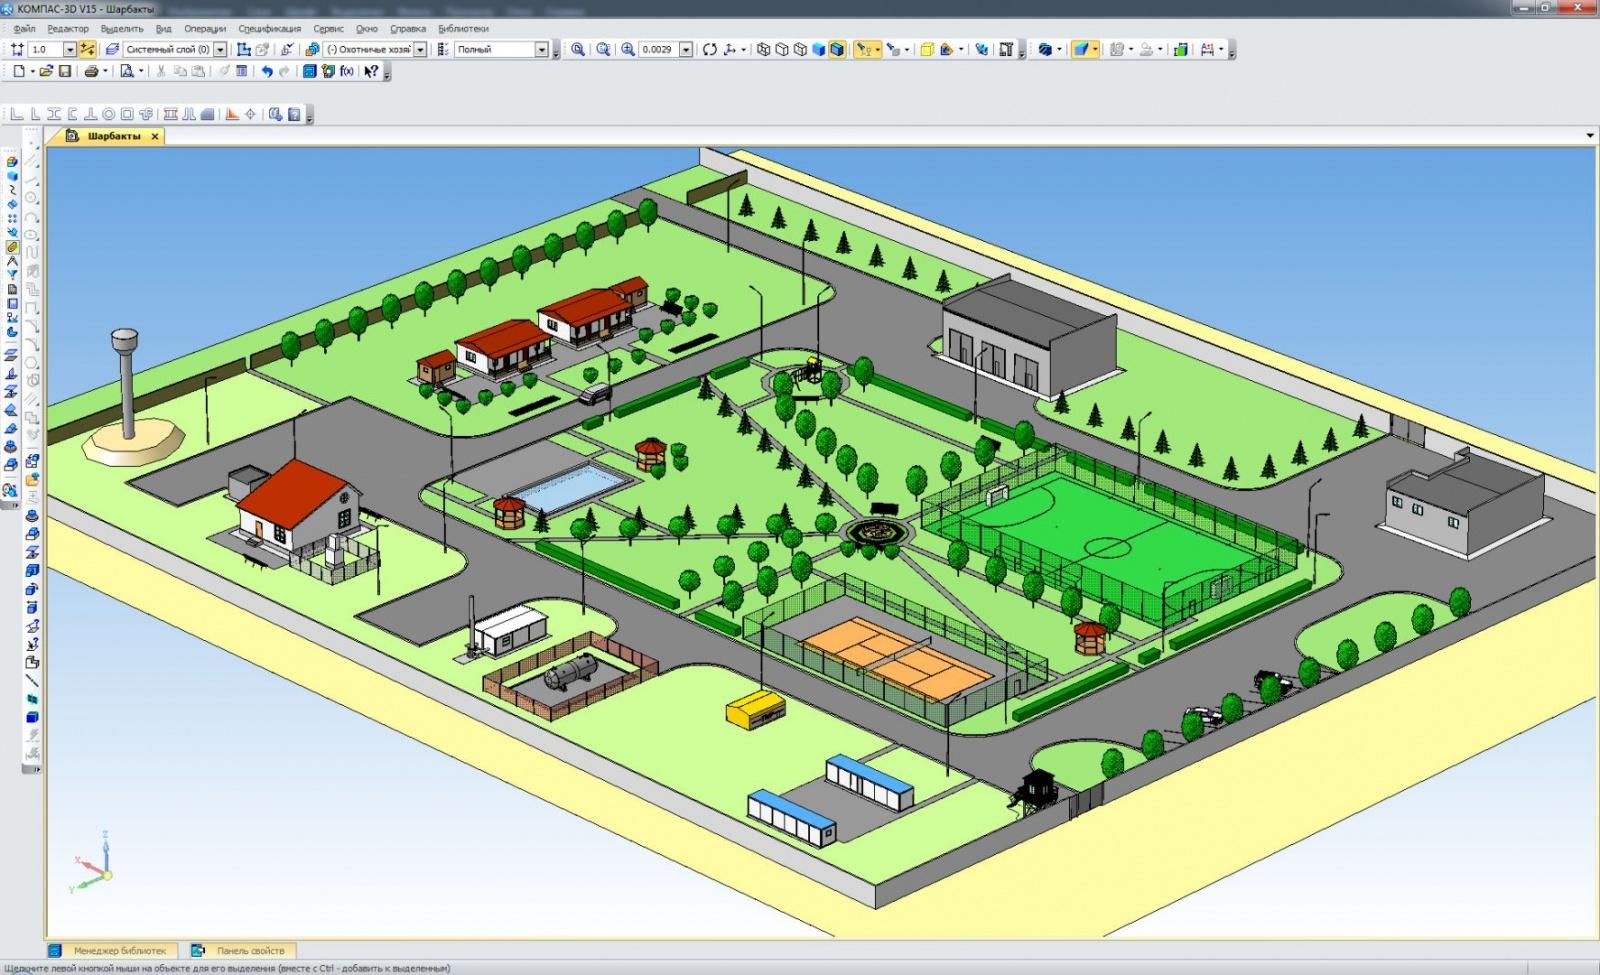 Как математическая библиотека КОМПАС-3D превратилась в C3D Toolkit для разработчиков САПР → часть 1 - 7